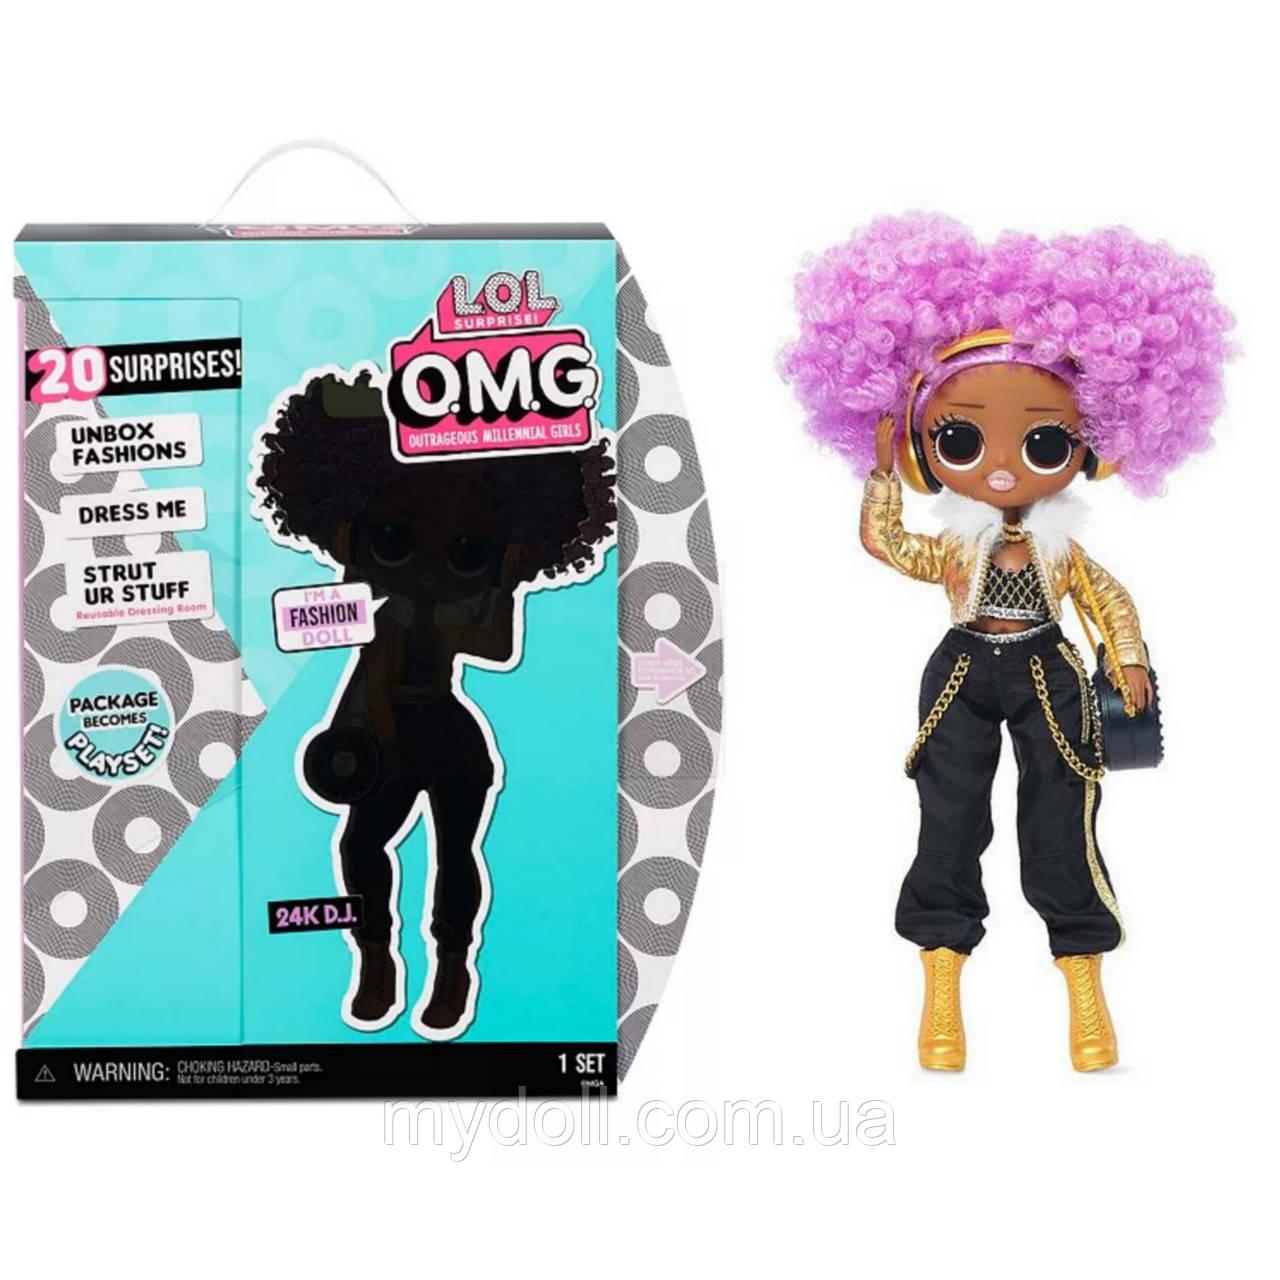 Лялька LOL OMG 24K D. J. - ЛОЛ ОМГ 24К Леді Діджей 574217 L. O. L. Surprise! O. M. G.